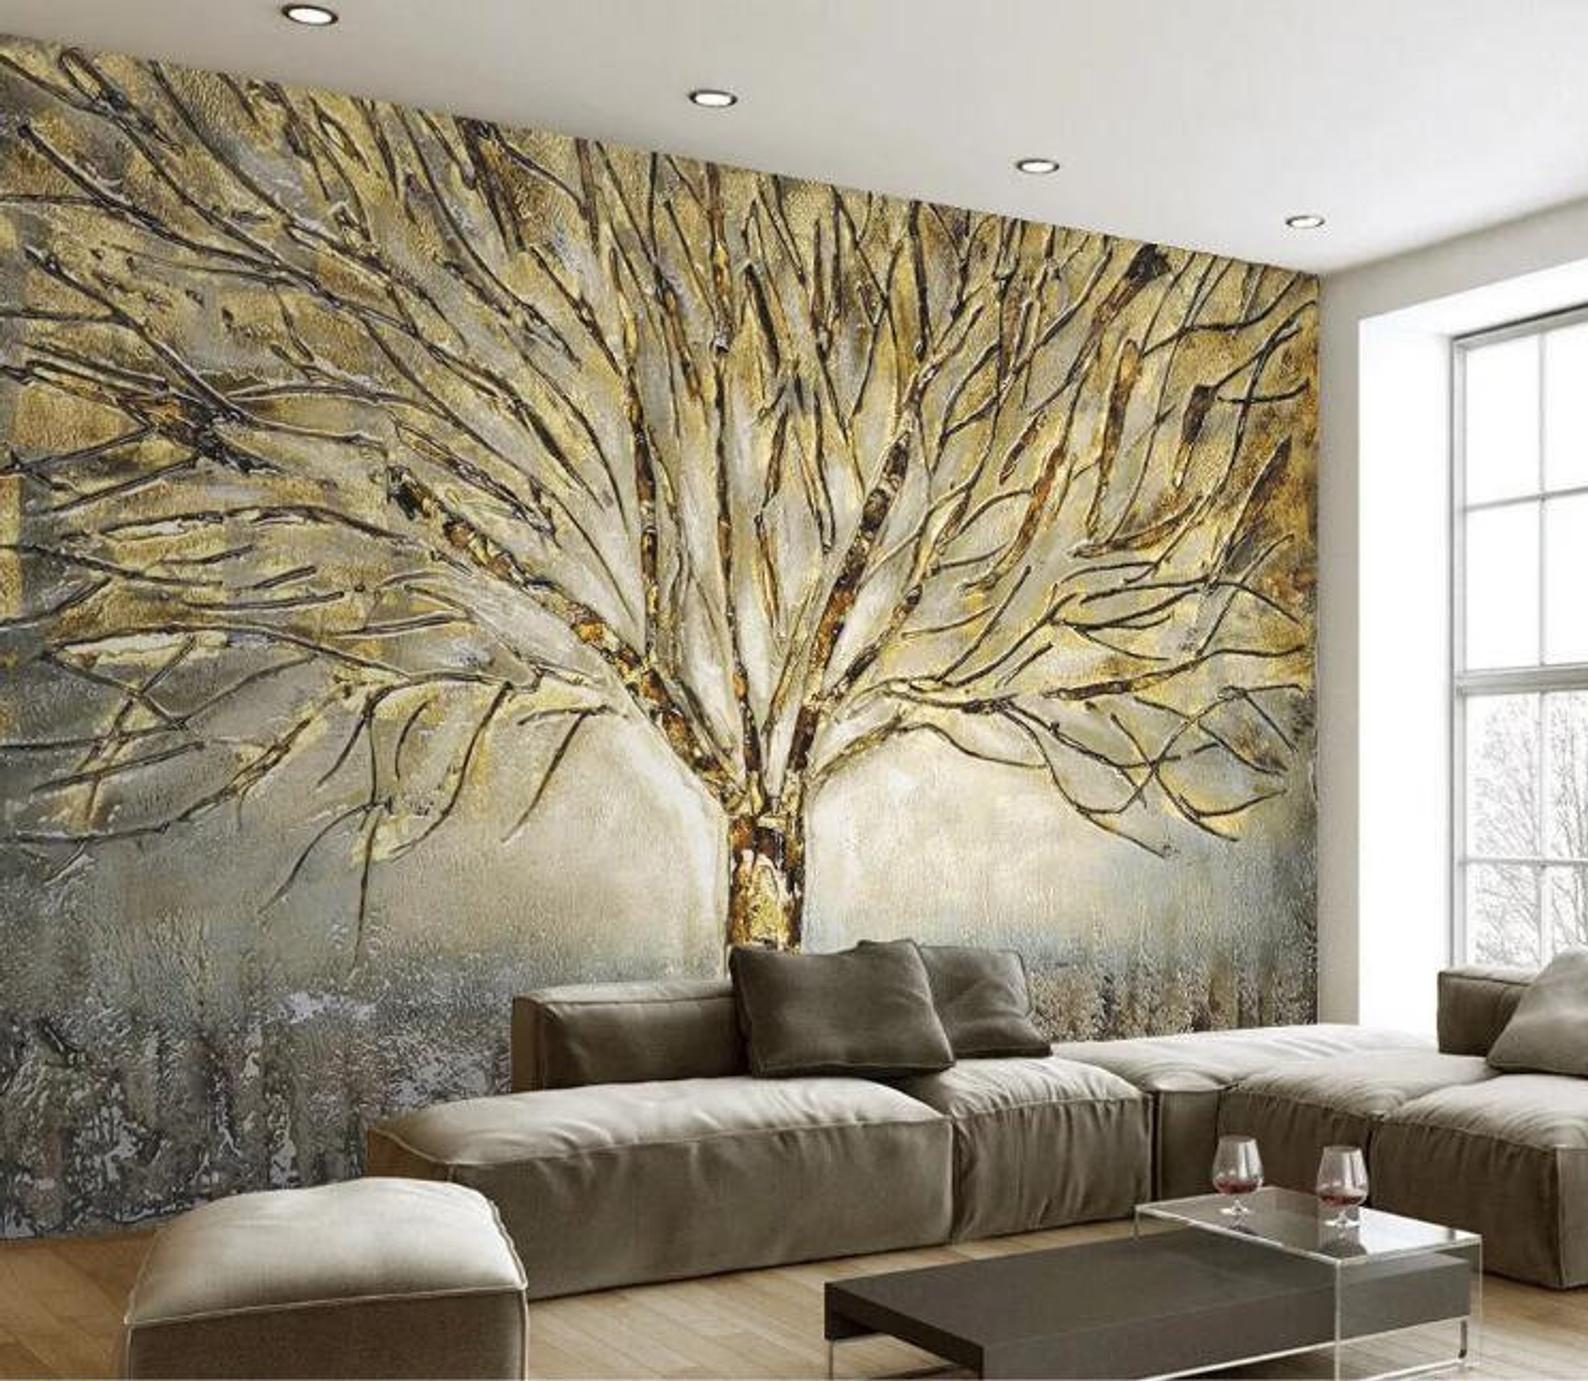 3D Fantasy Dark Tree GN840 Wallpaper Mural Decal M